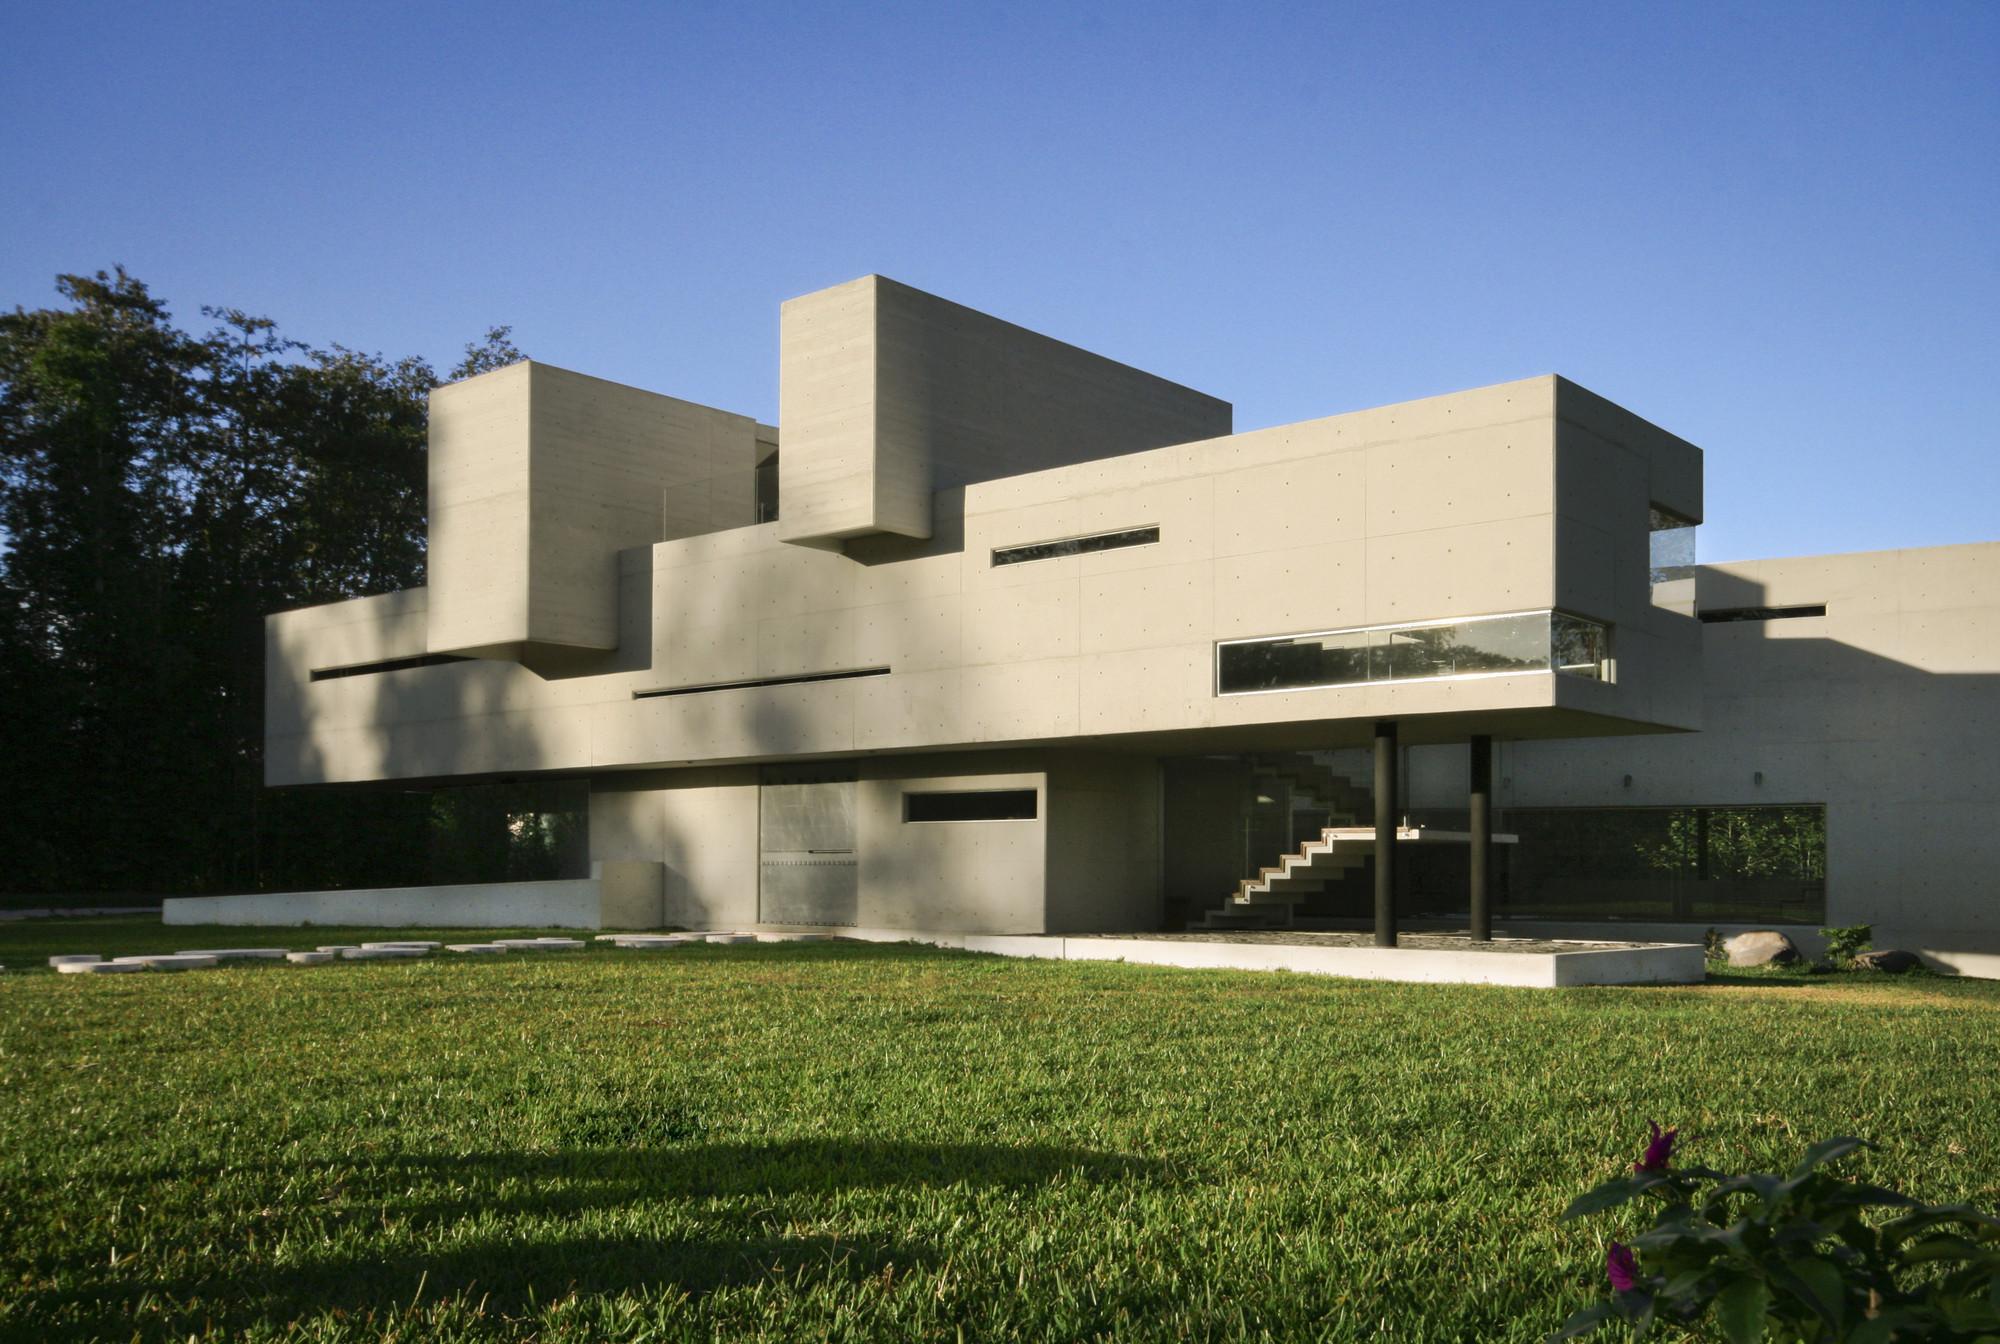 Casa briones rp arquitectos plataforma arquitectura for Modernes betonhaus